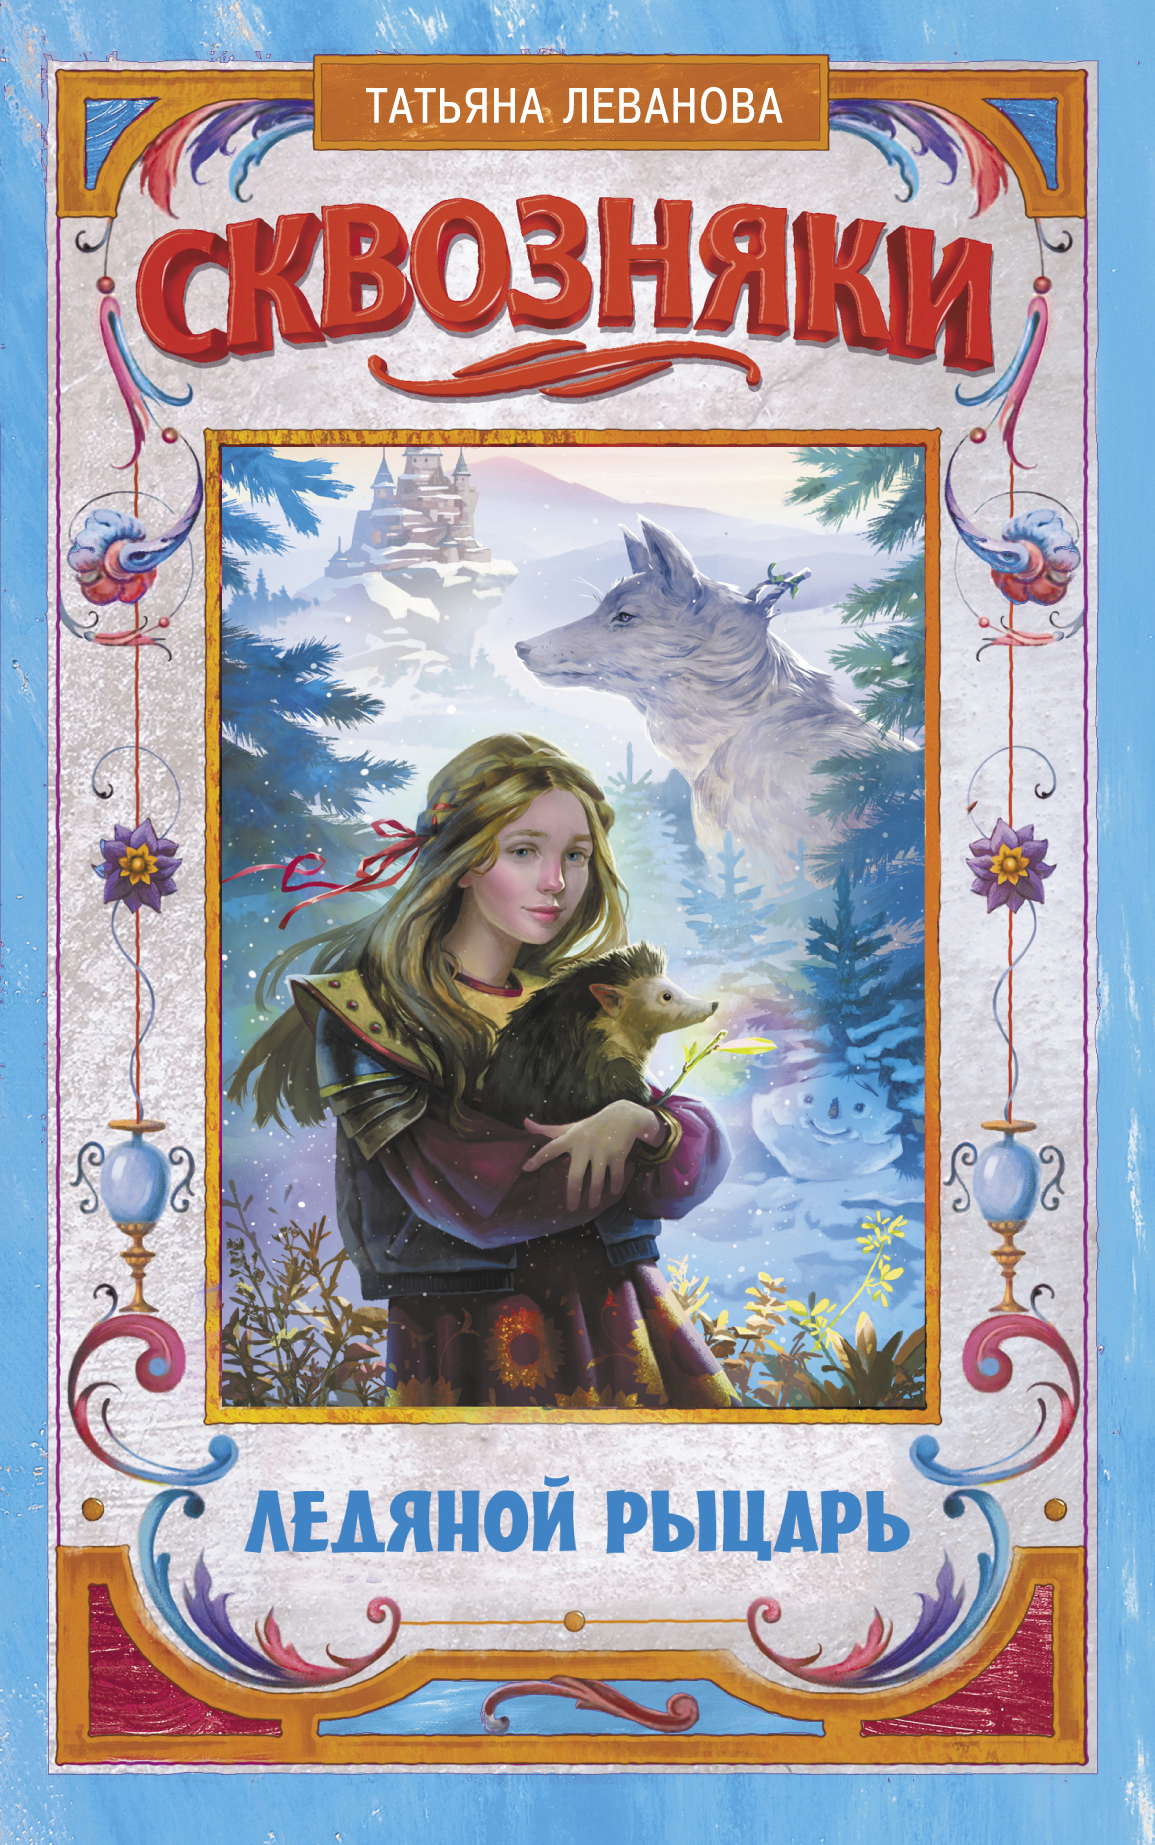 Татьяна Леванова Сквозняки. Ледяной рыцарь и и лажечников ледяной дом